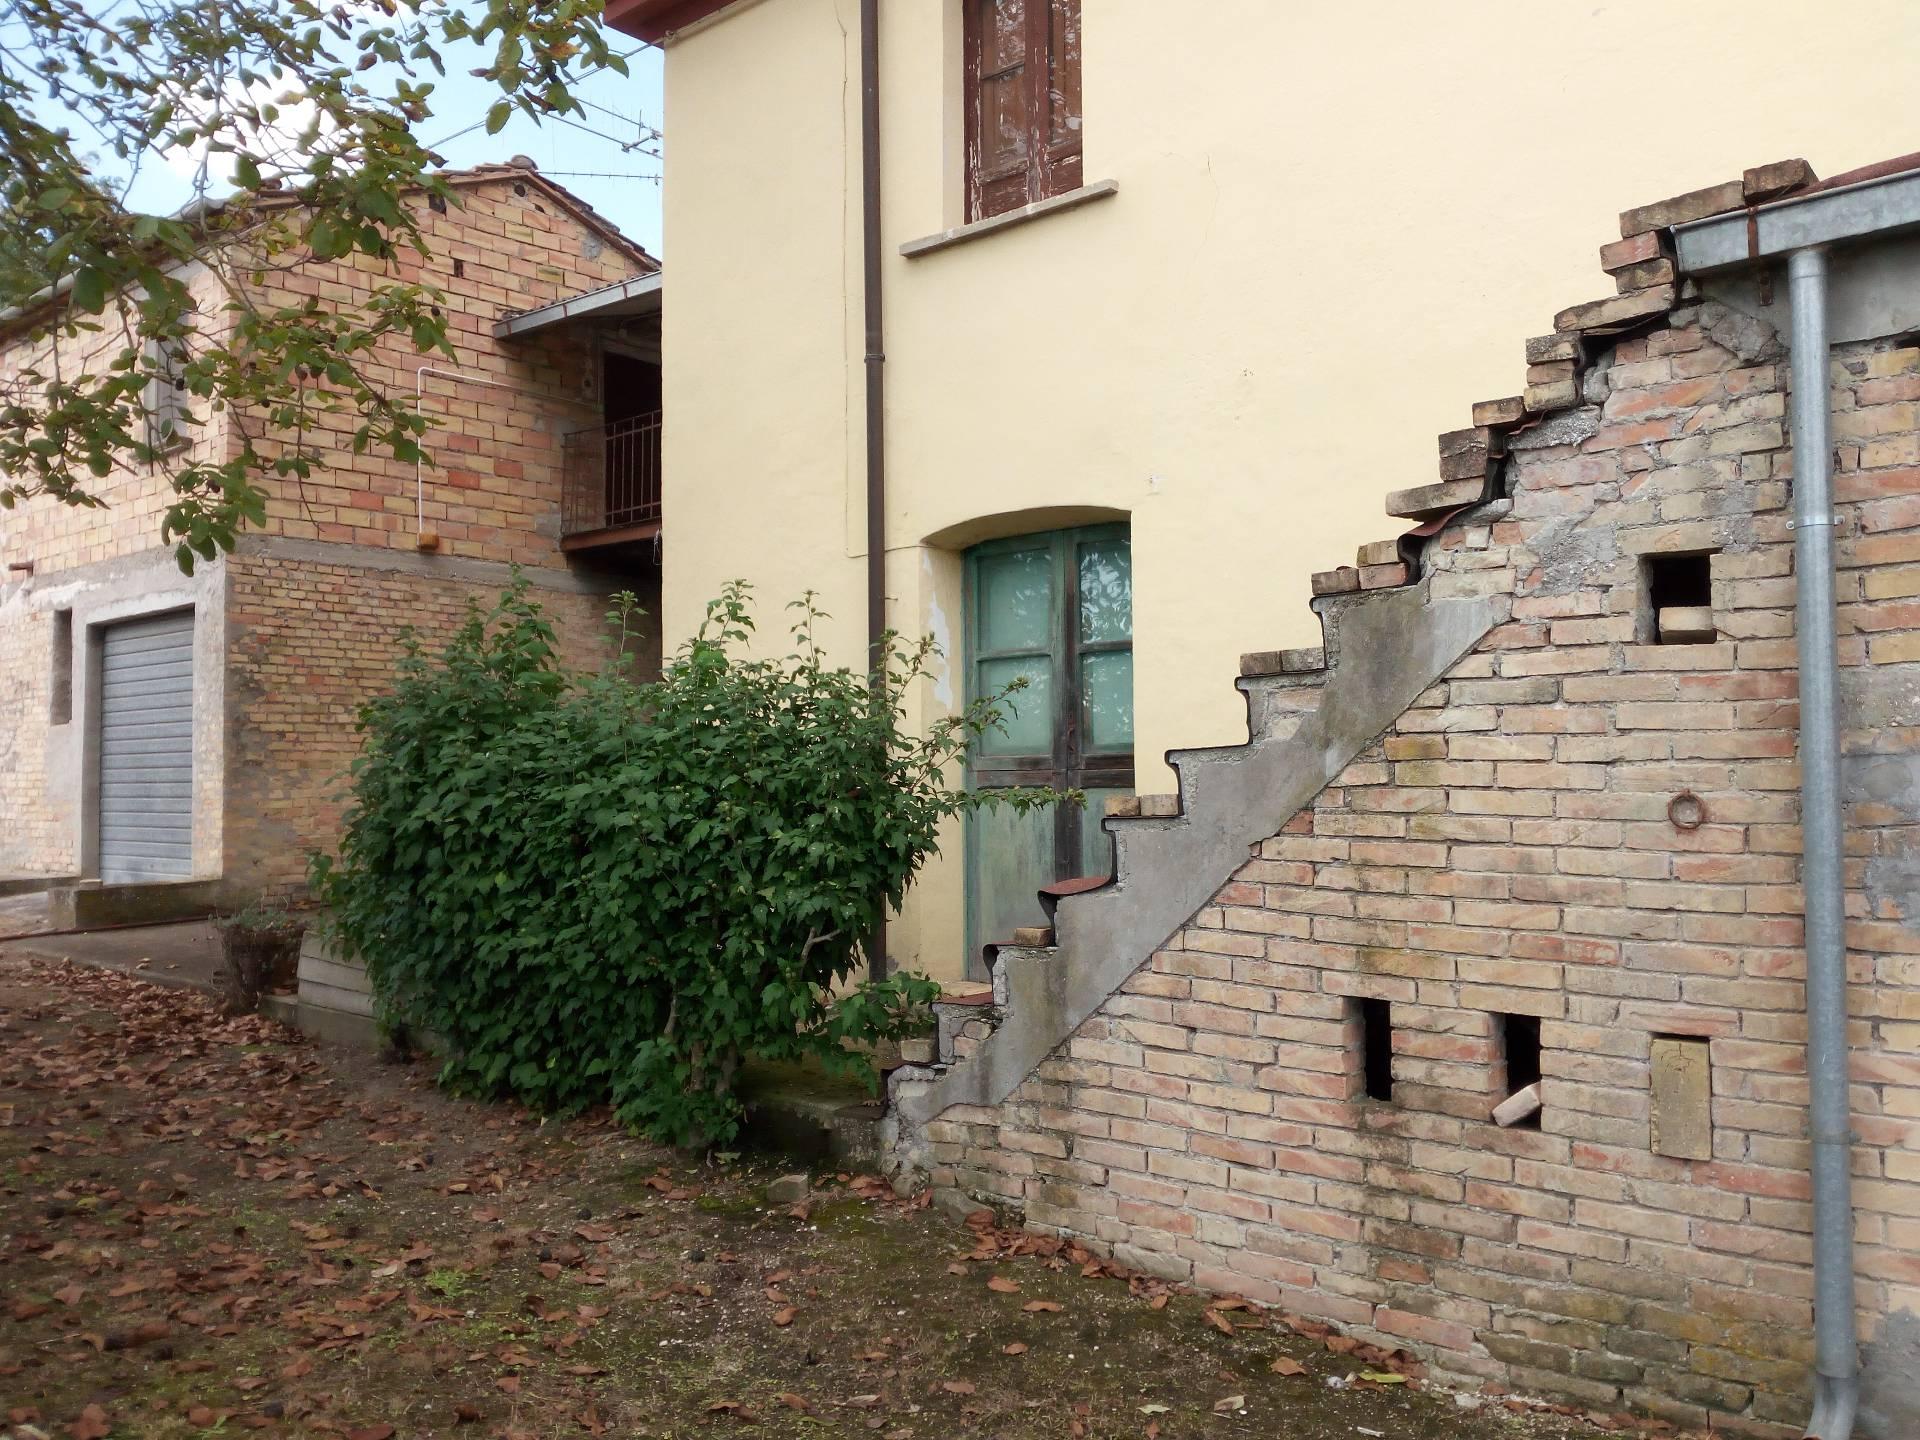 Soluzione Indipendente in vendita a Campli, 4 locali, zona Zona: Pagannoni, prezzo € 65.000 | Cambio Casa.it